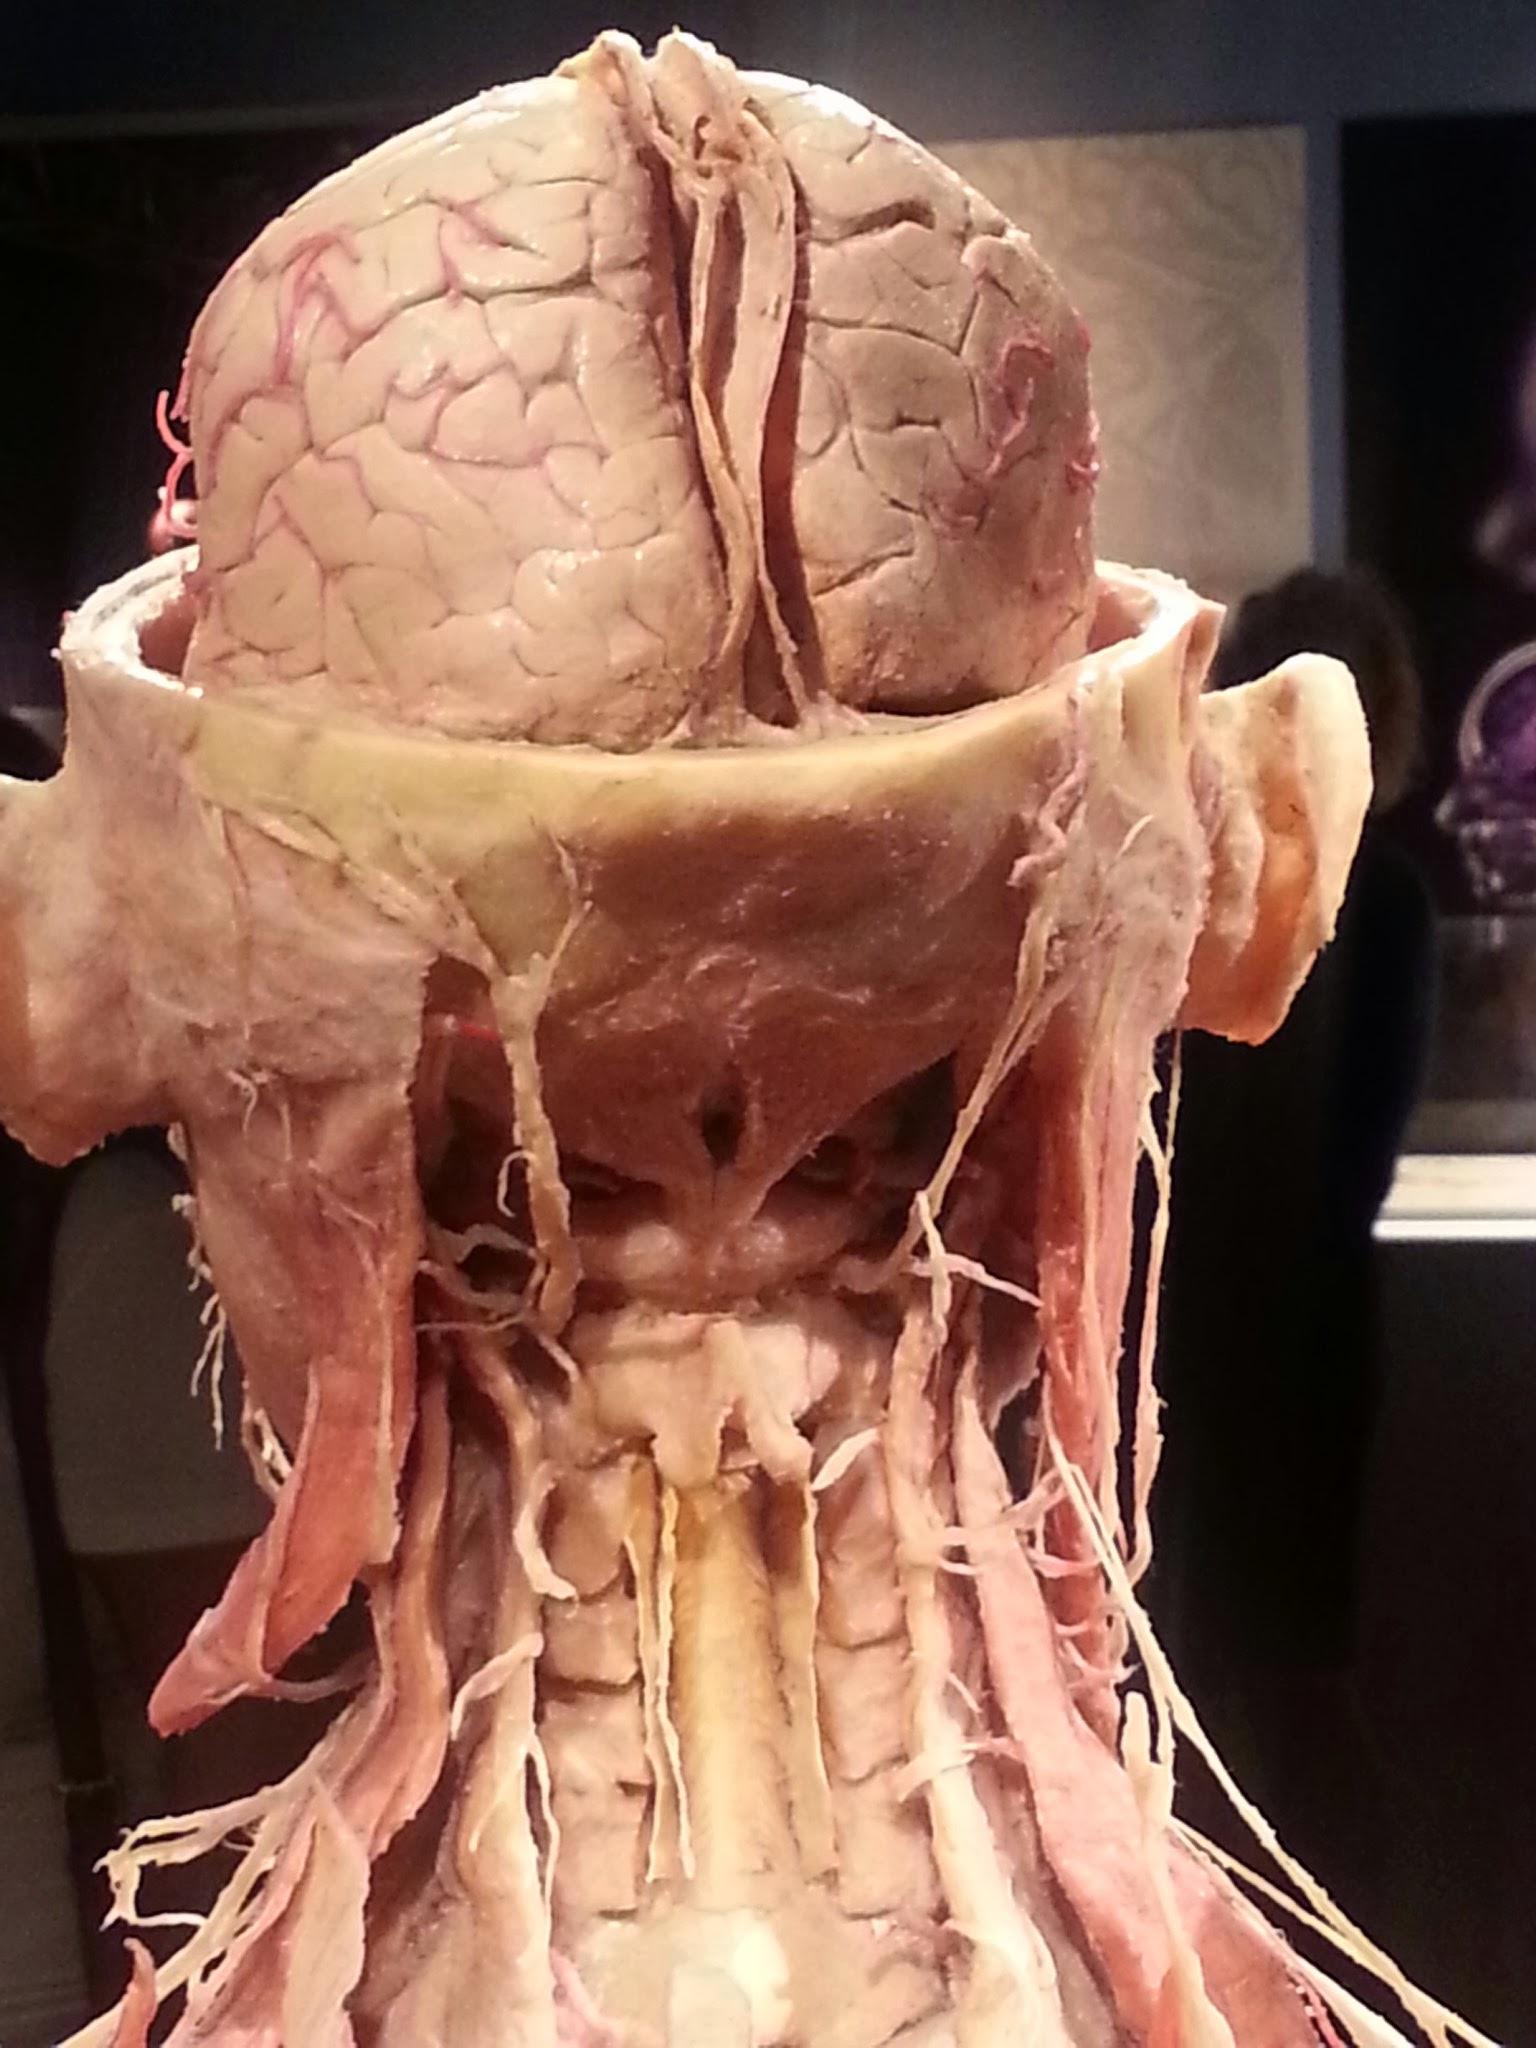 Nett Human Anatomy Exhibit Ideen - Menschliche Anatomie Bilder ...